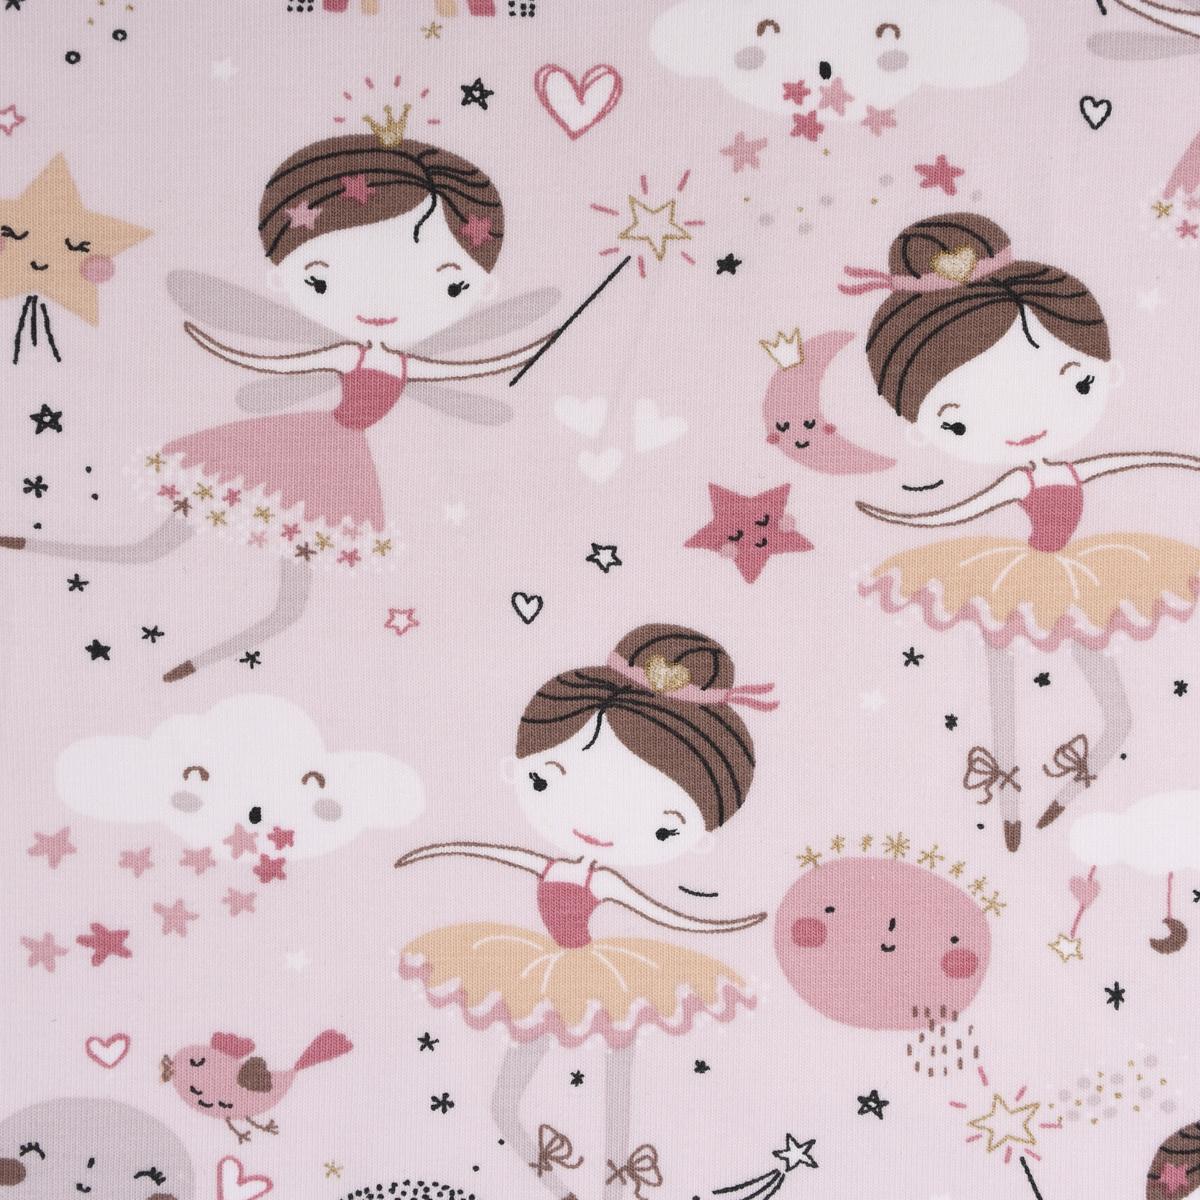 Baumwolljersey Jersey DEMILUNE Fee Sterne Glitzer hellbeige braun weiß rosa goldfarbig 1,5m Breite